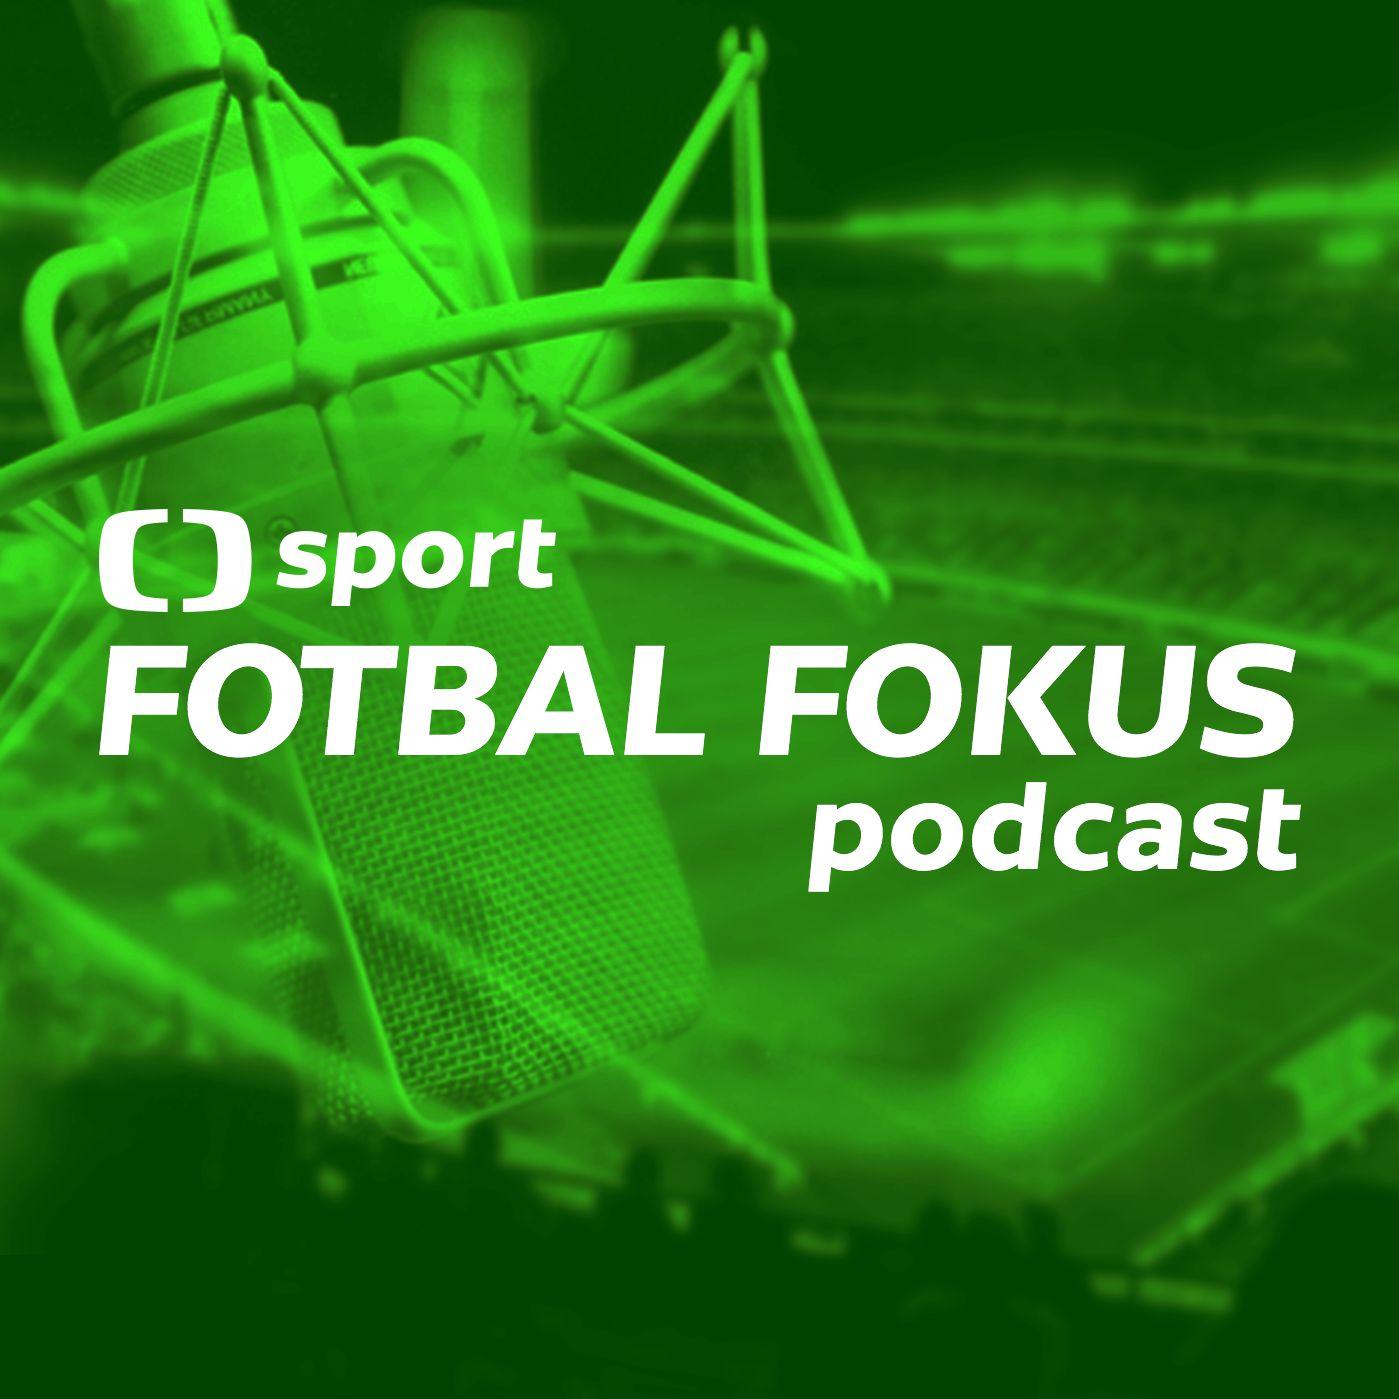 Fotbal fokus podcast: Kdo byl nejlepší a nejhorší posilou podzimu?